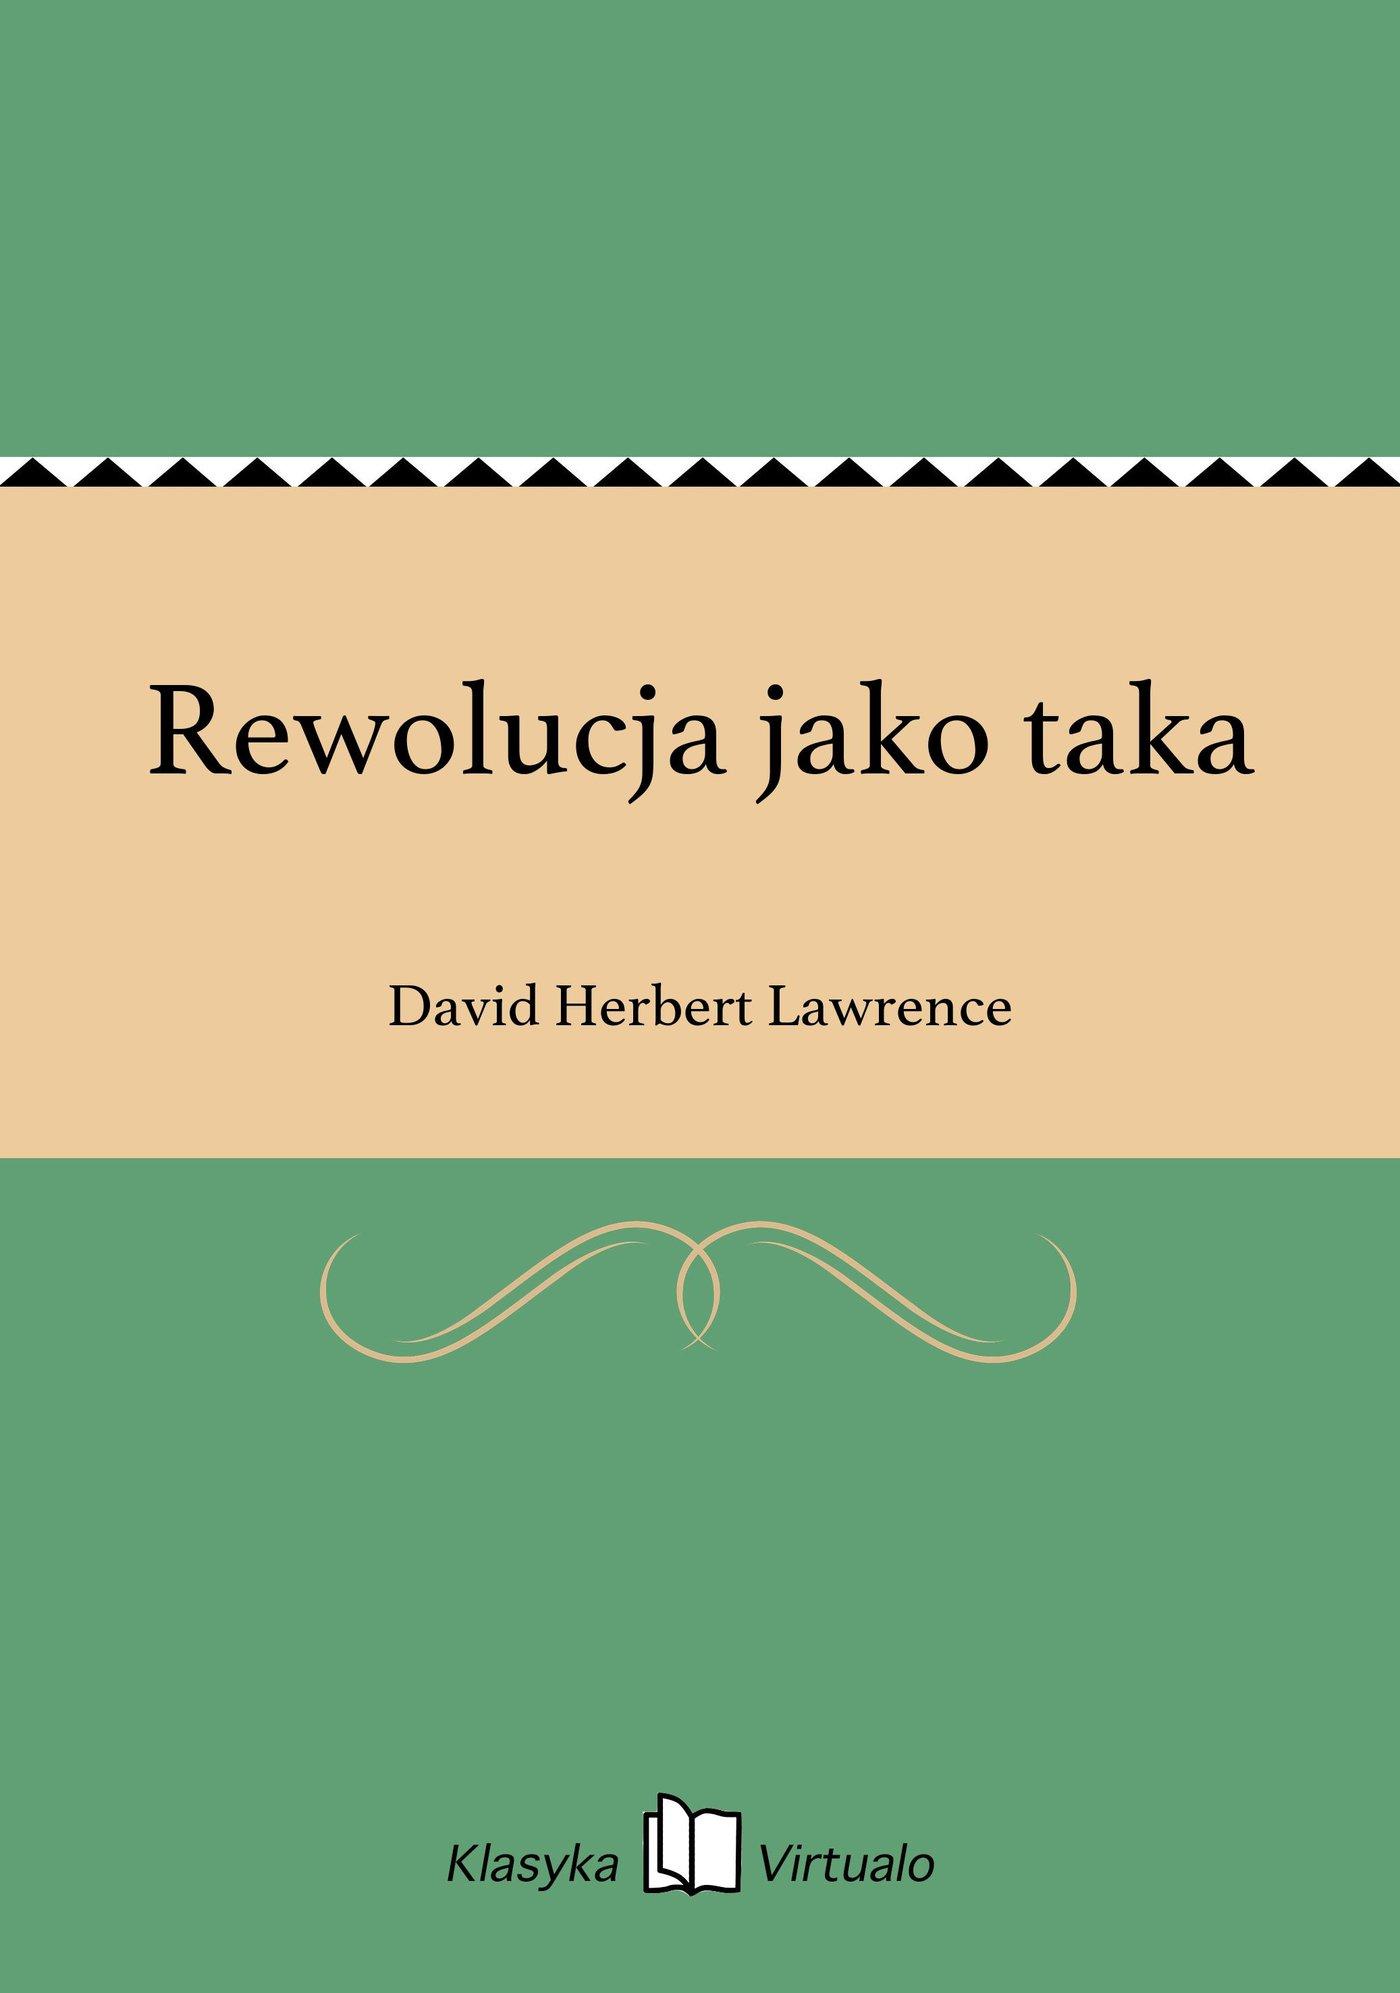 Rewolucja jako taka - Ebook (Książka EPUB) do pobrania w formacie EPUB